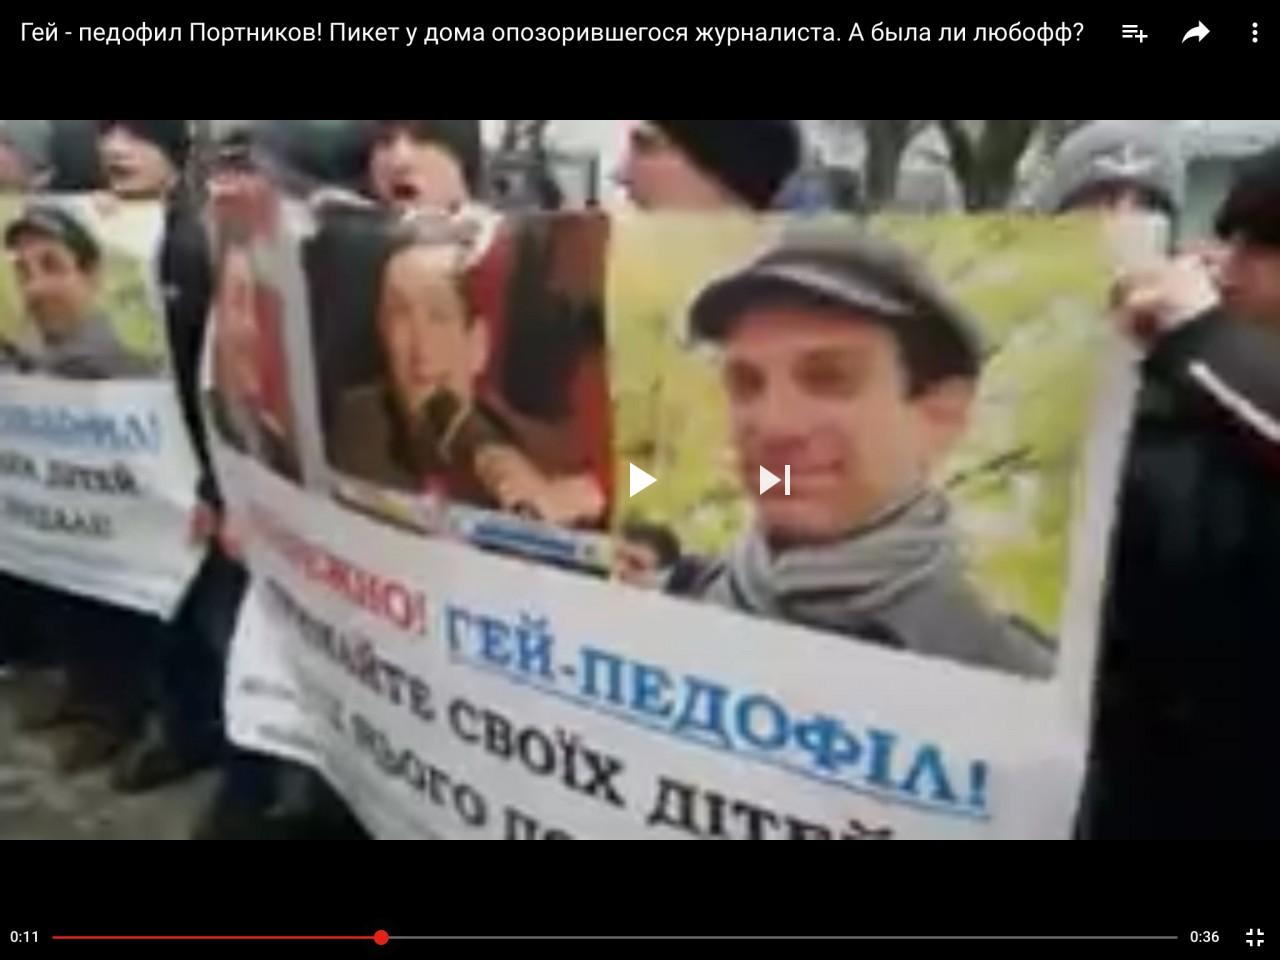 Портников гей пидор видео